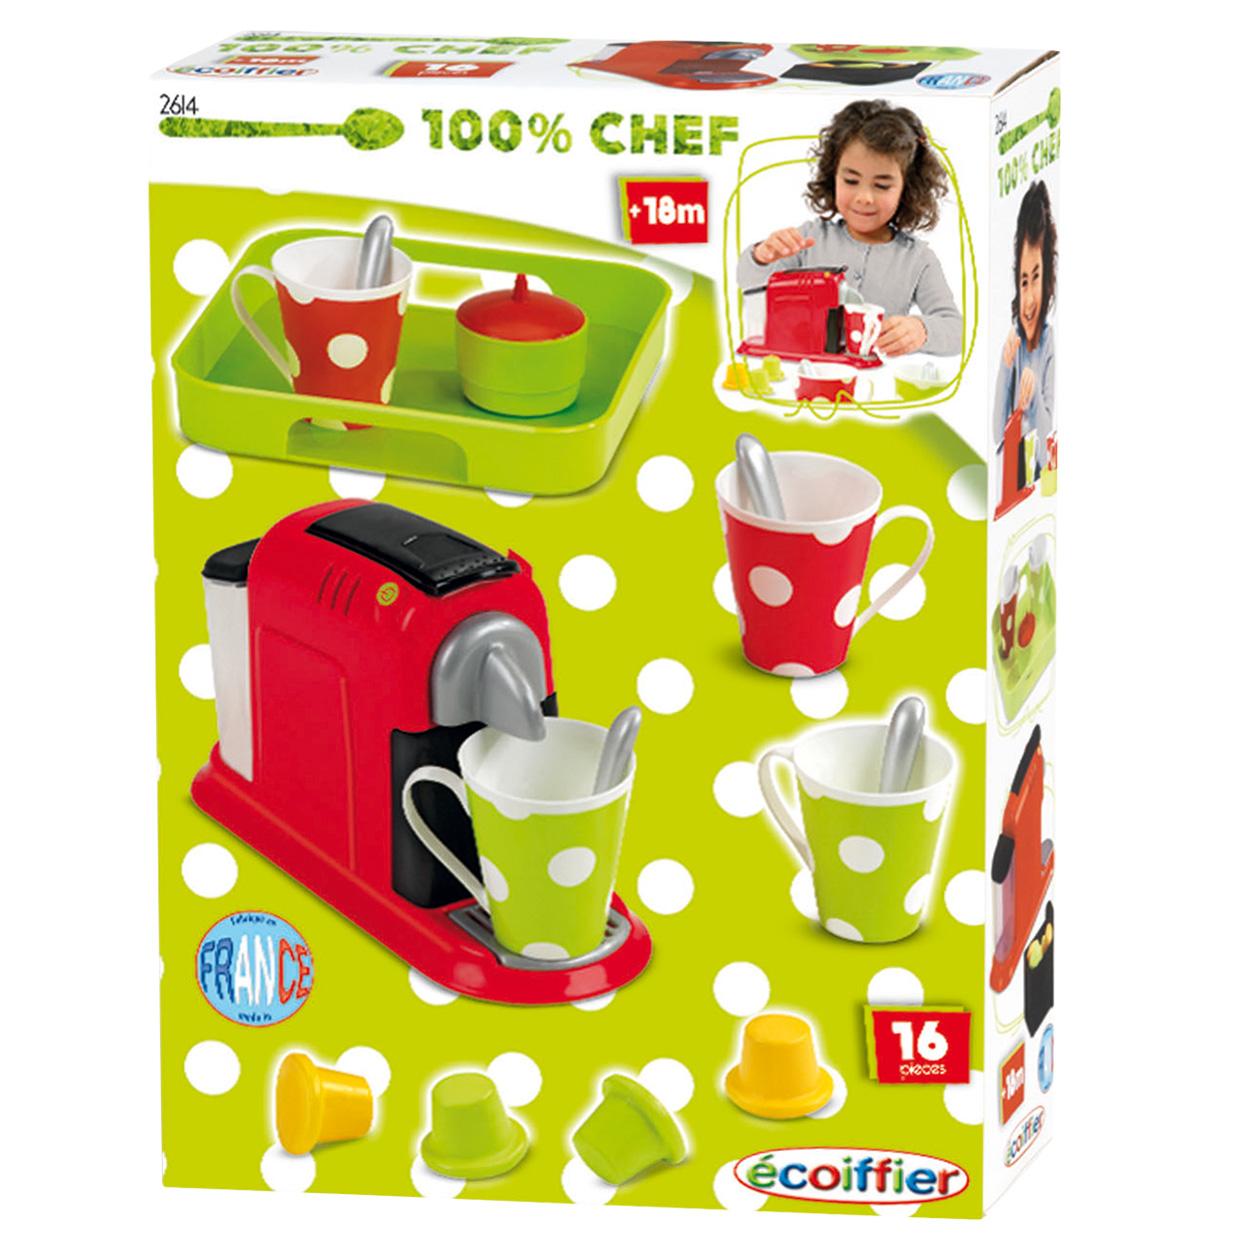 Disney Keukenaccessoires : Ecoiffier 100% Chef Koffiezetapparaat met Cupjes online